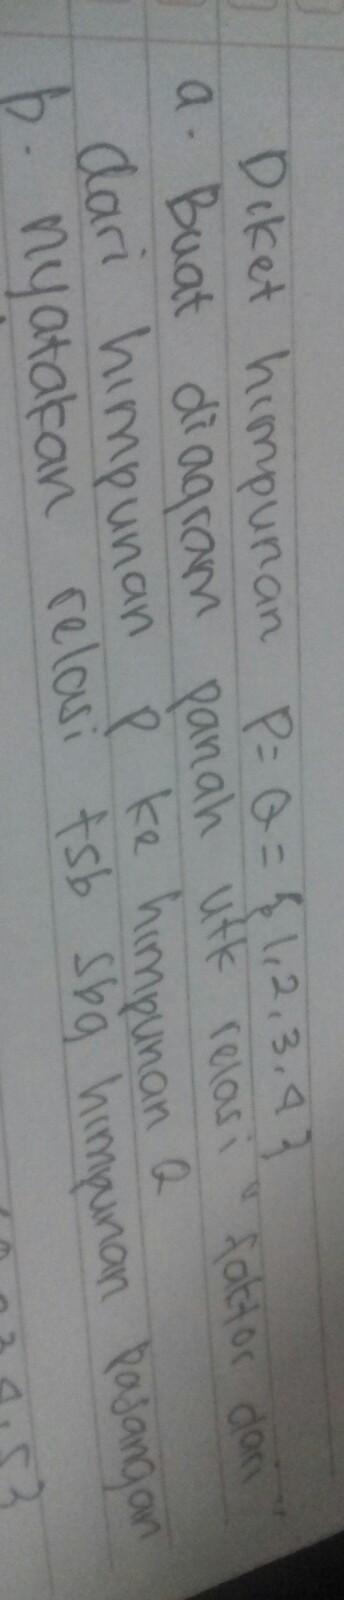 Buat diagram panah untuk relasi faktor dari himpunan p ke himpunan q buat diagram panah untuk relasi faktor dari himpunan p ke himpunan q 1234 ccuart Gallery